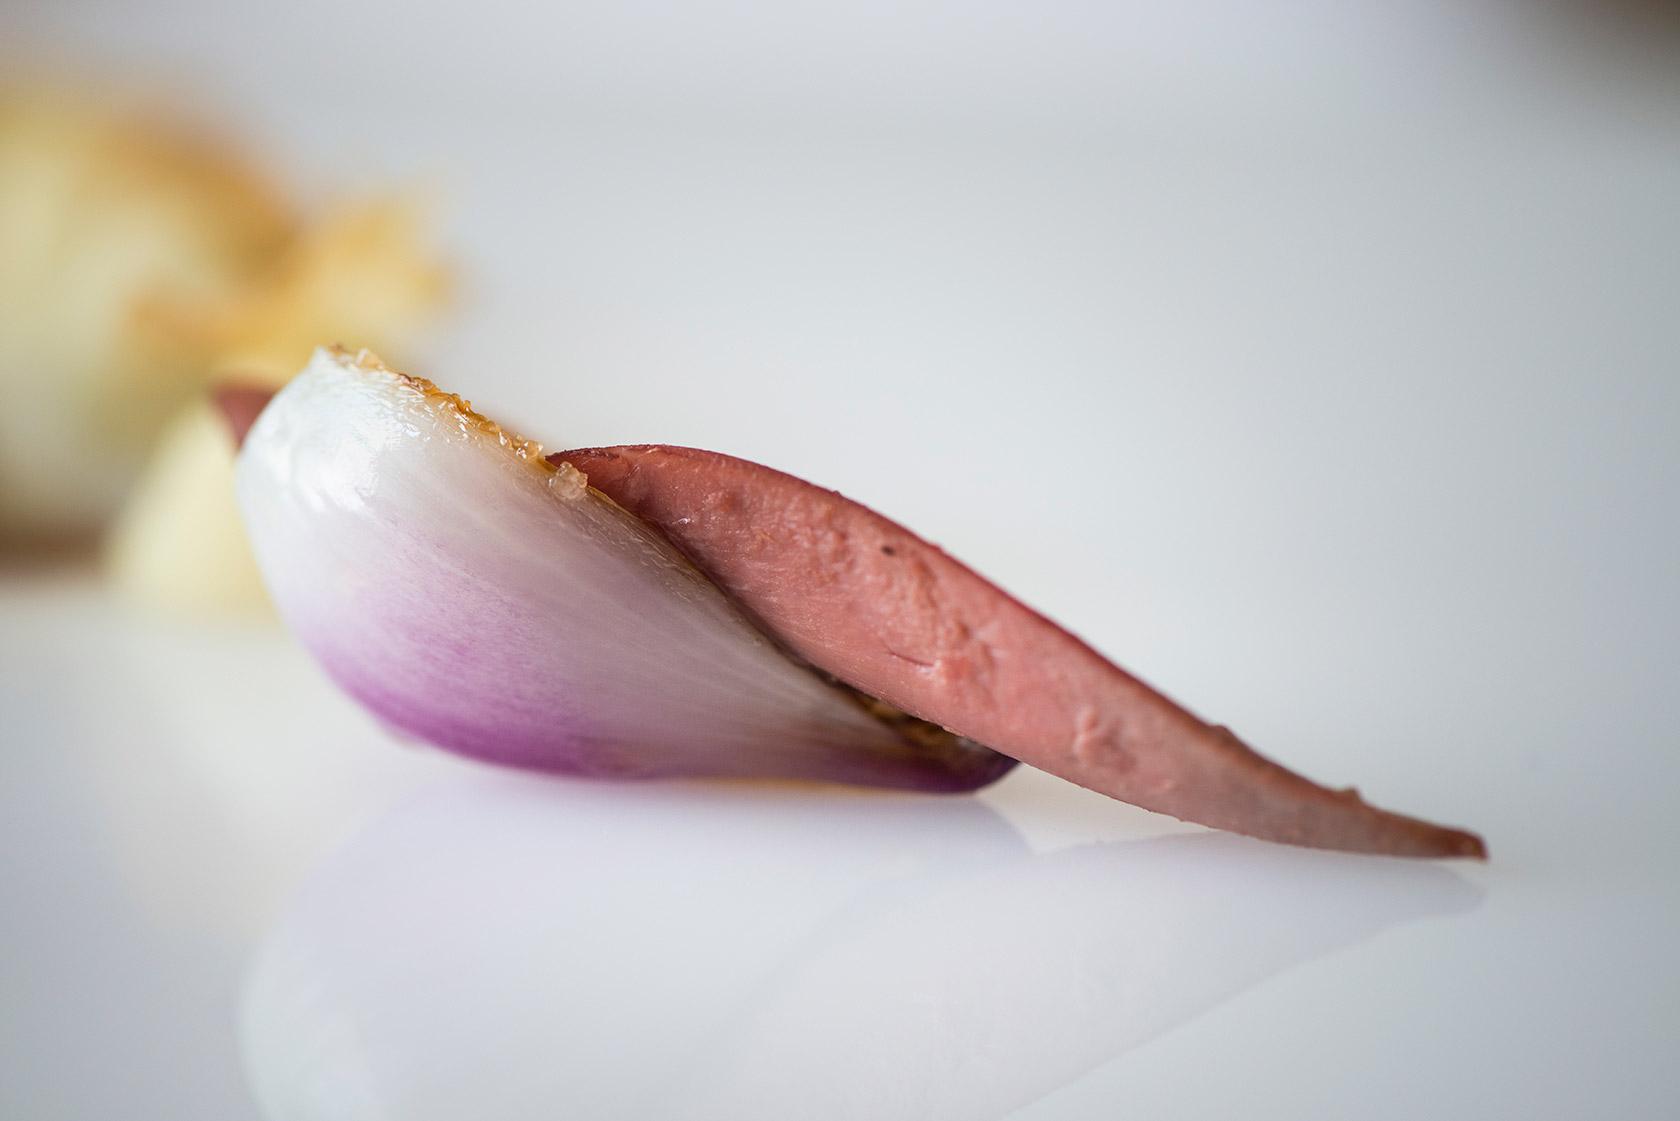 arnolfo-ristorante-piccione-details-gaetano-trovato-chef